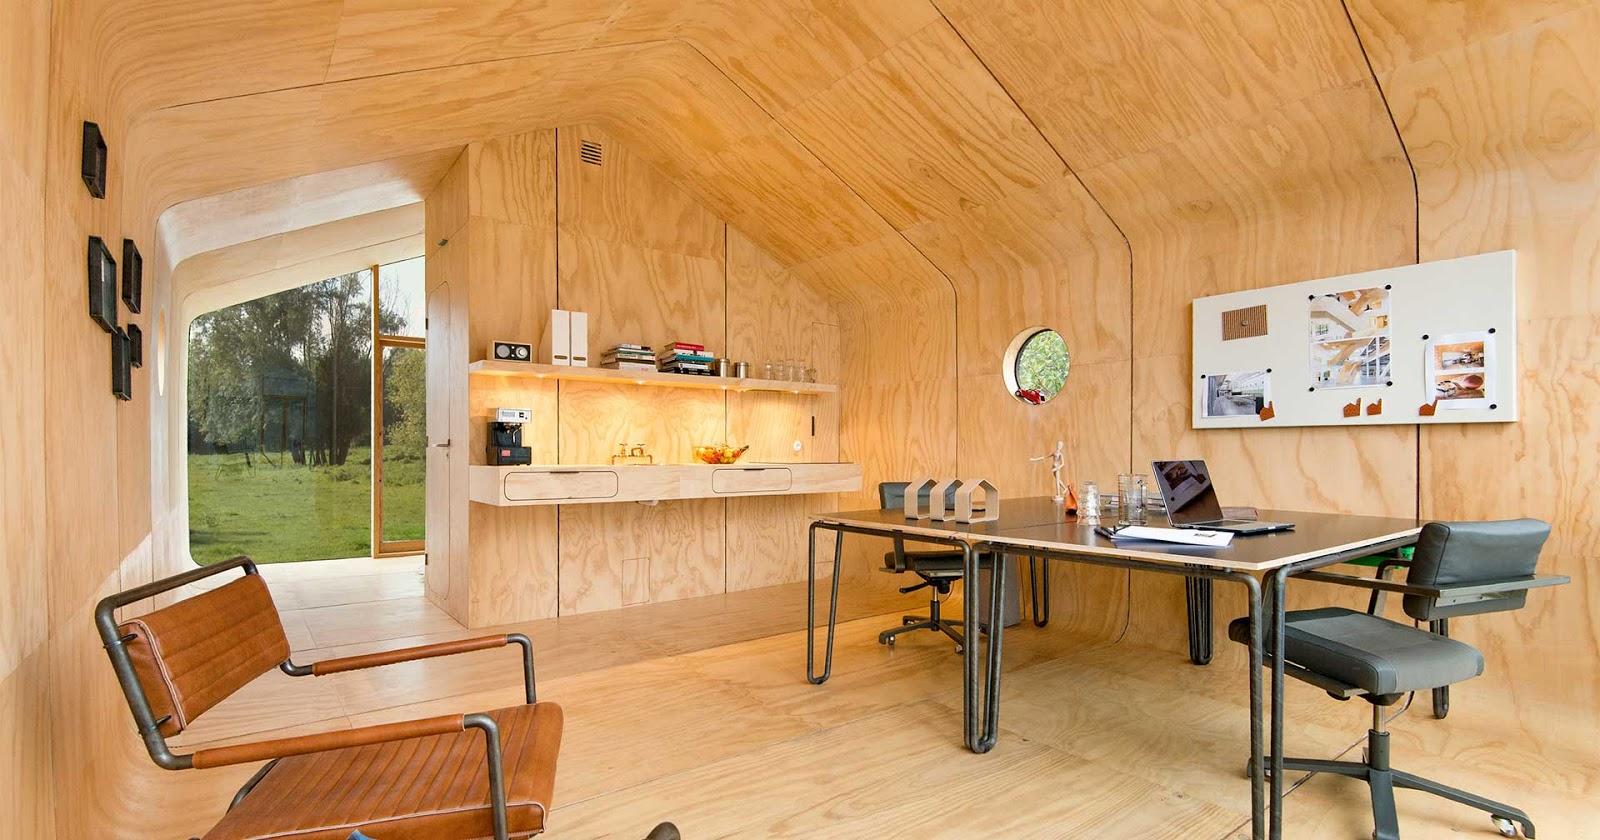 das wikkelhouse ein lifestyle haus aus pappe f r ein ganzes leben atomlabor blog dein. Black Bedroom Furniture Sets. Home Design Ideas